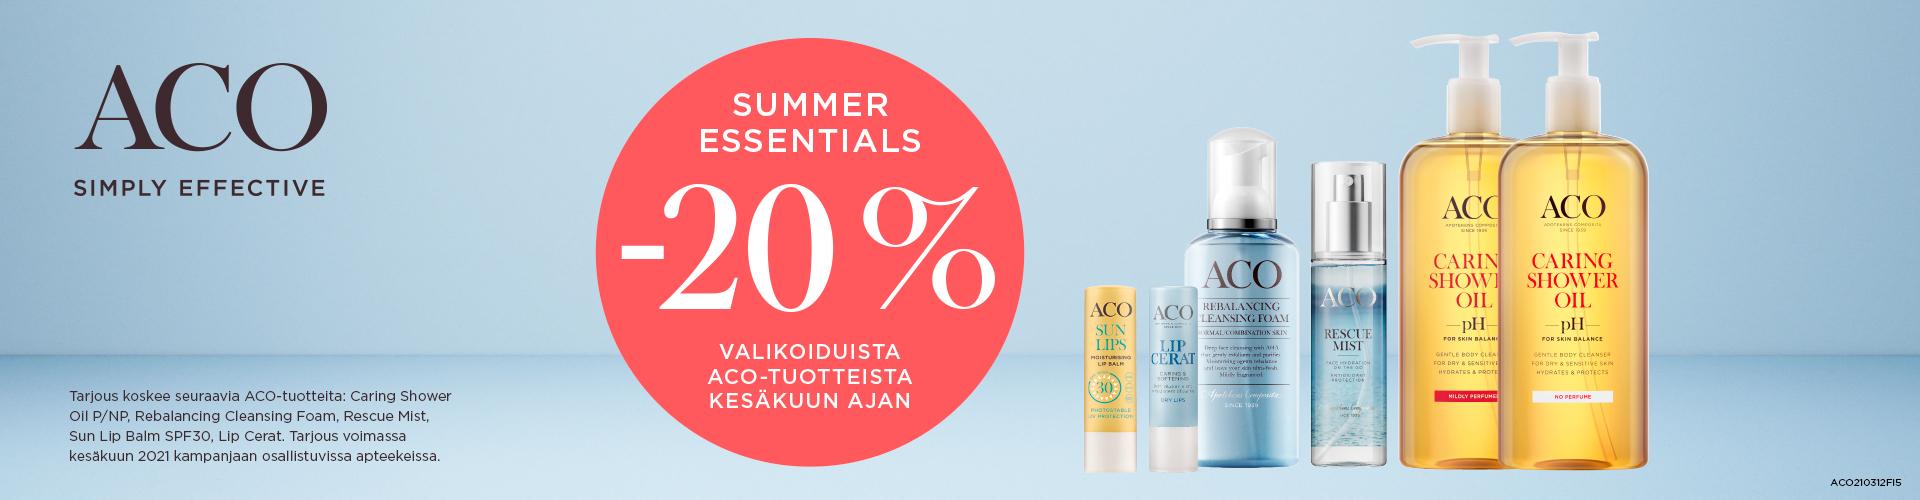 ACO Summer Essentials -20%